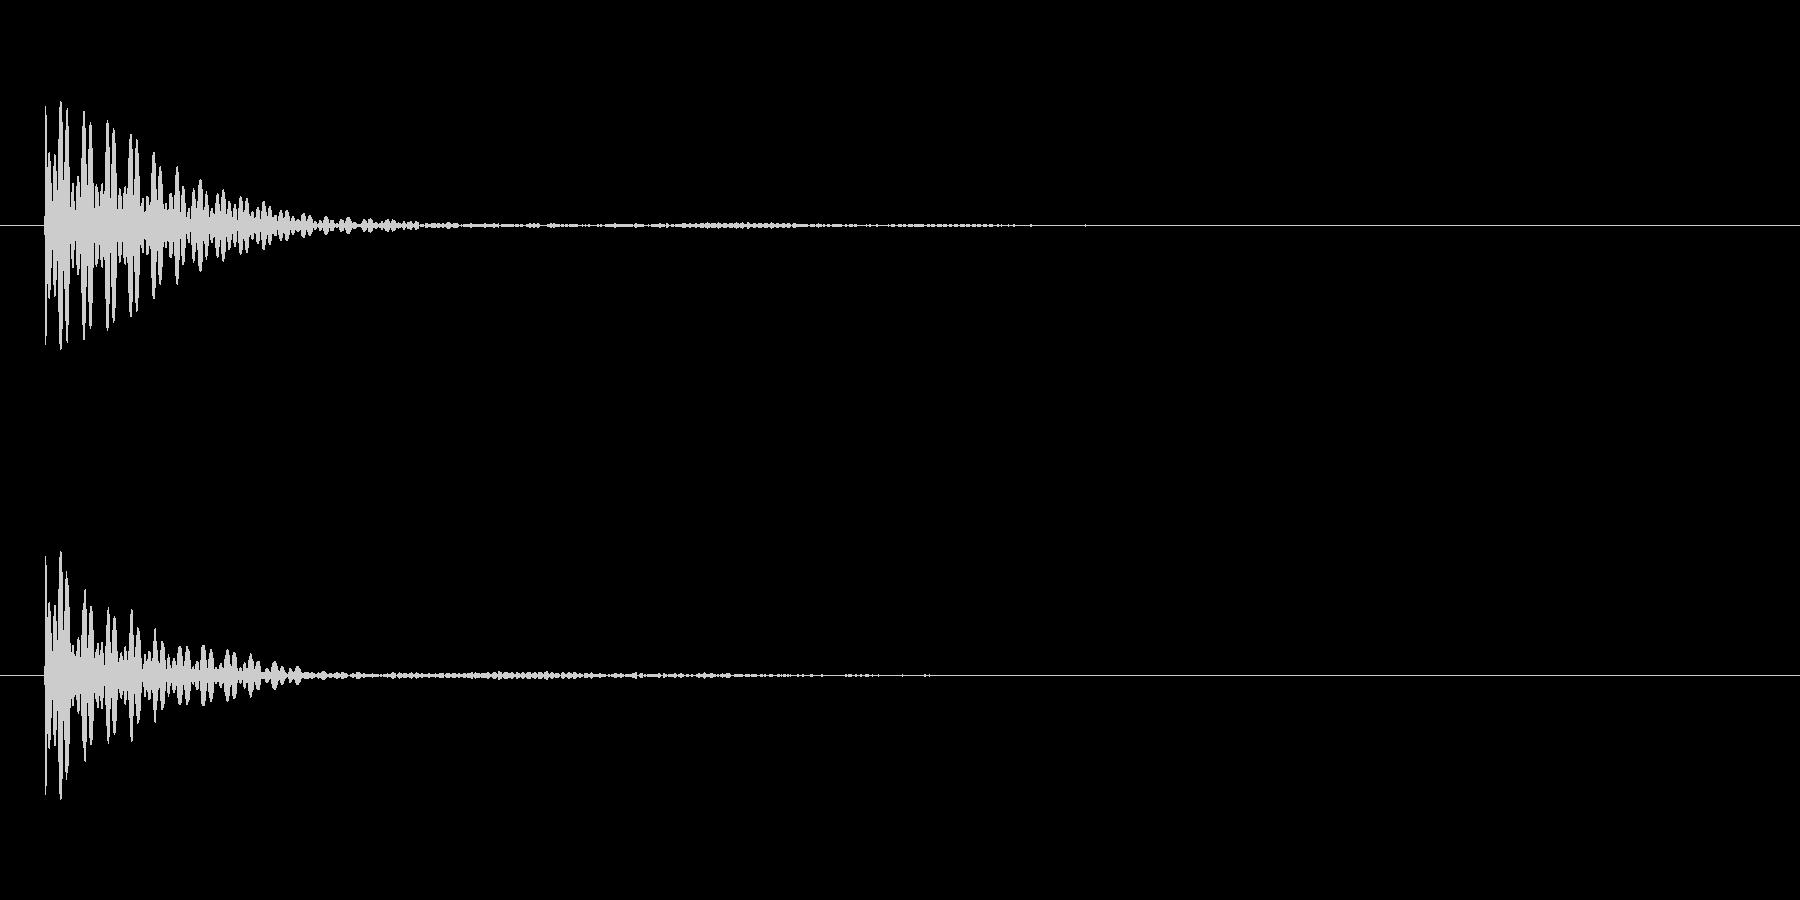 ポン カーソル音 タップ音 CLo-14の未再生の波形